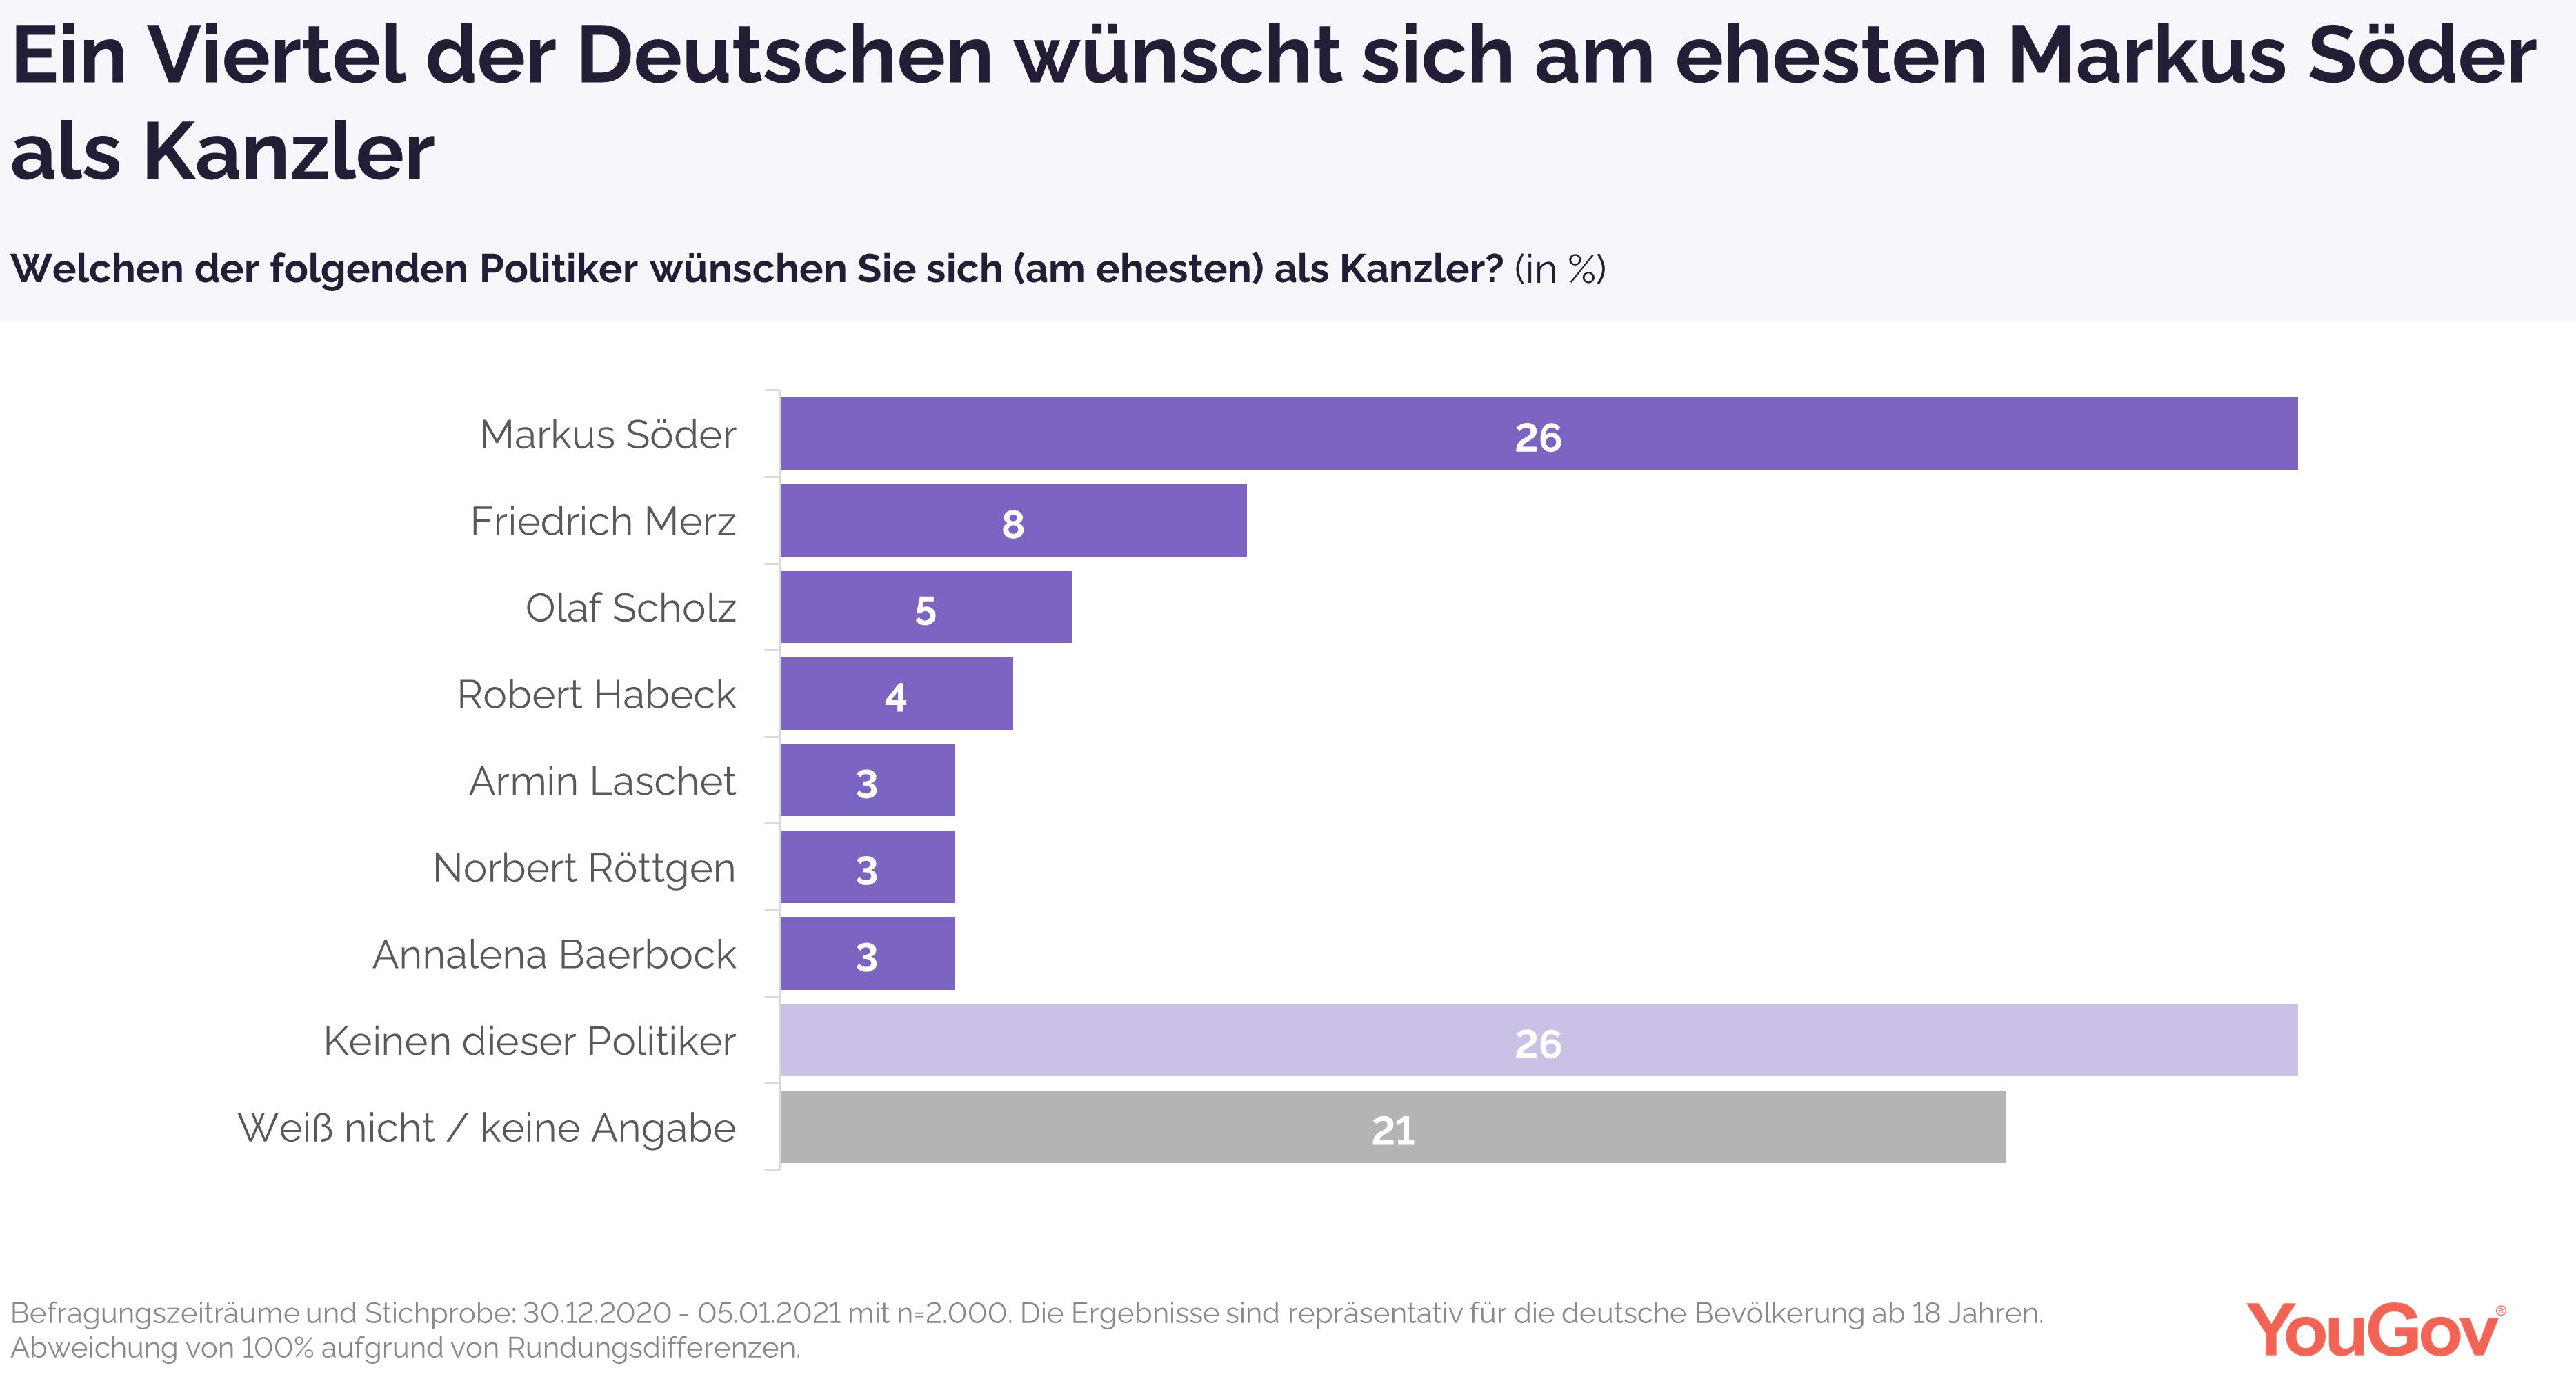 Ein Viertel der Deutschen wünscht sich am ehesten Söder als Kanzler